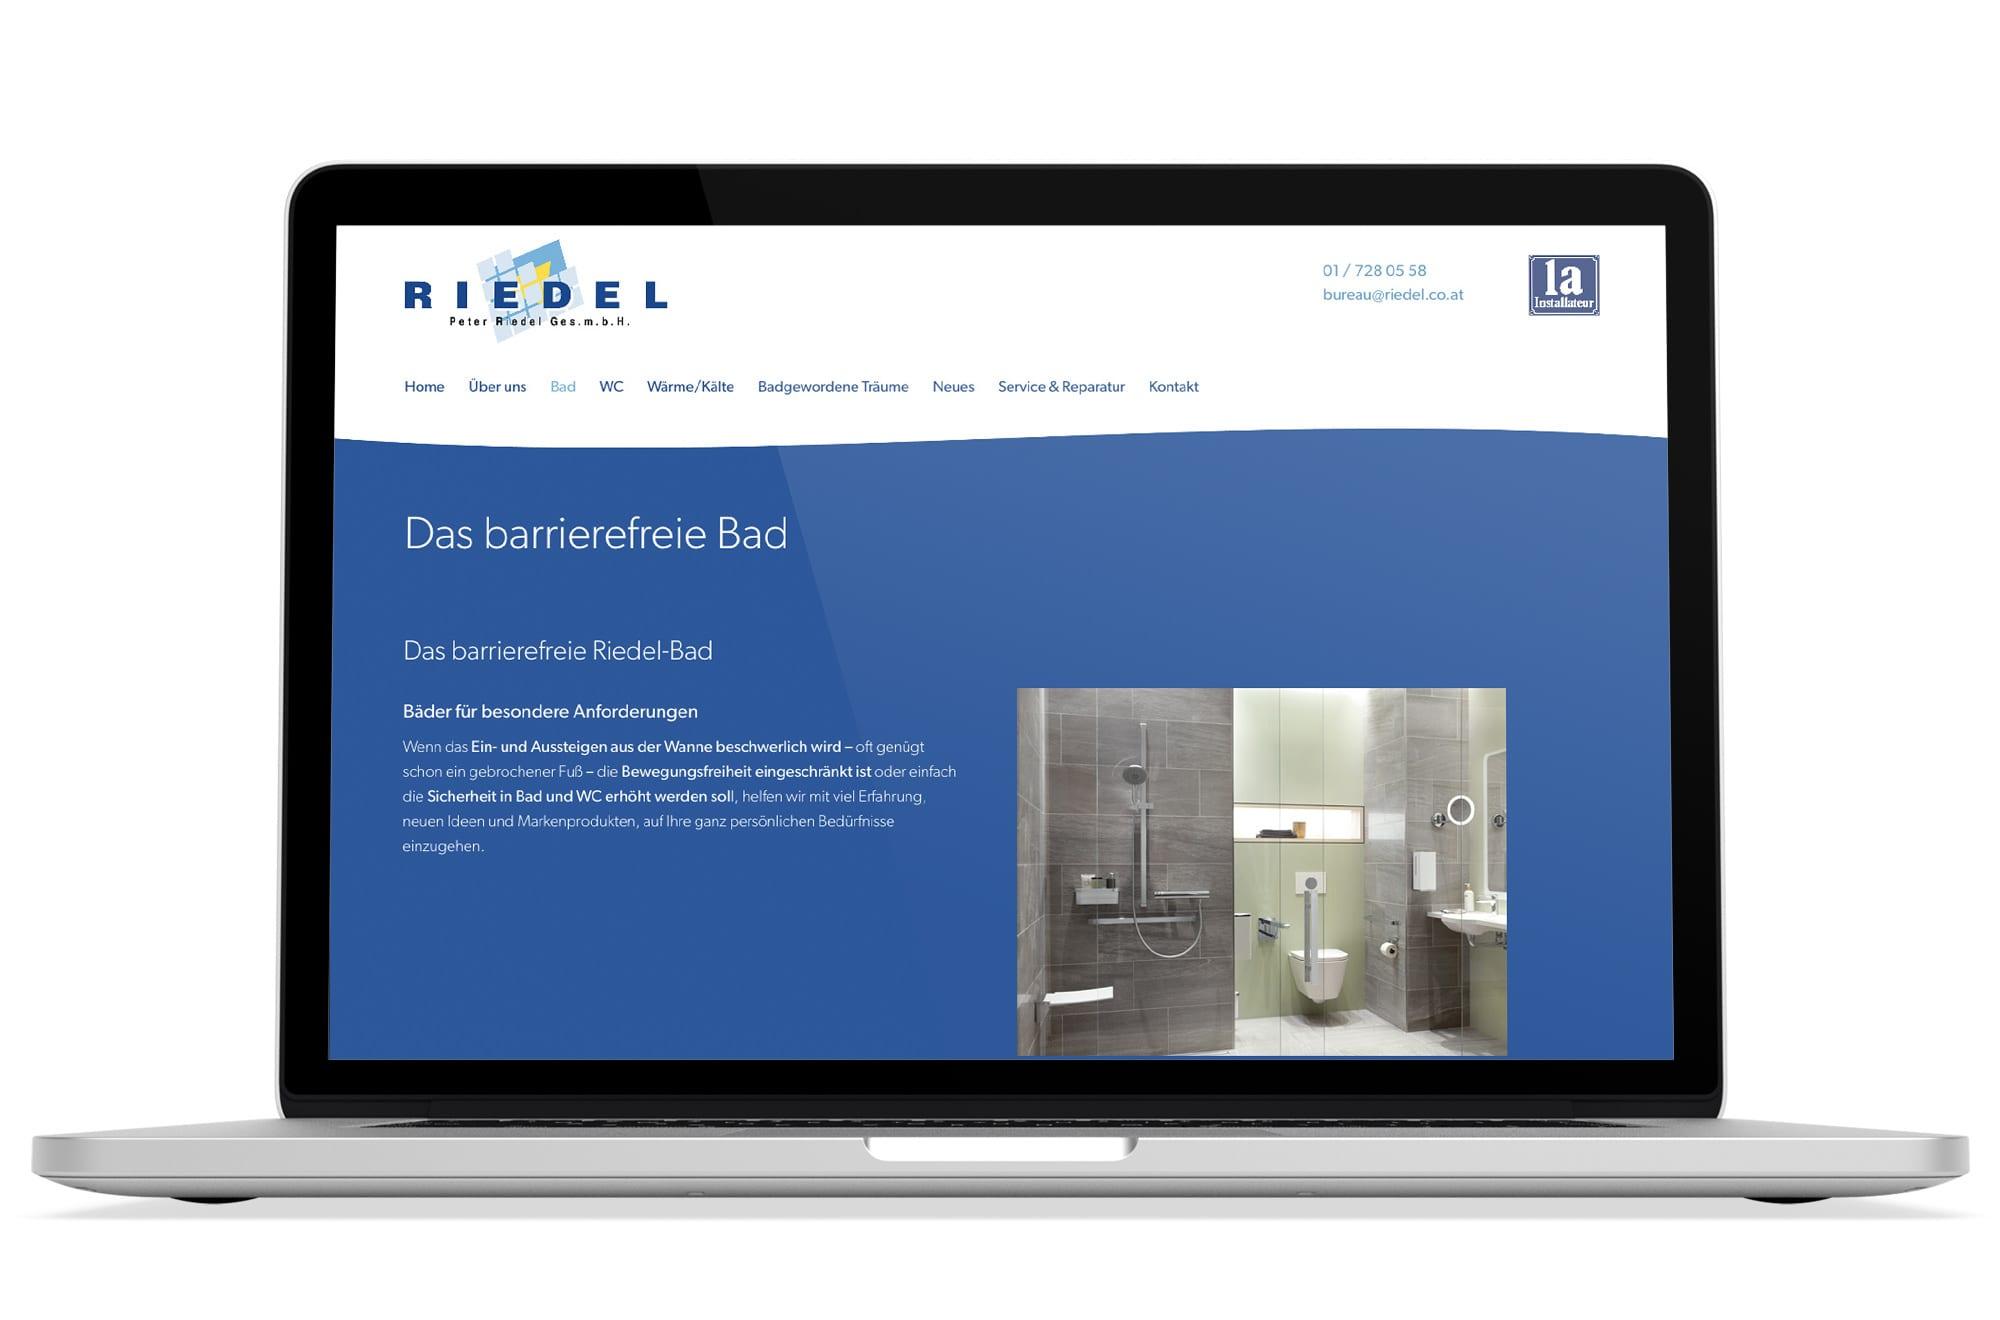 Webdesign Beispiel: Responsive Webdesign, WordPress für Installateur